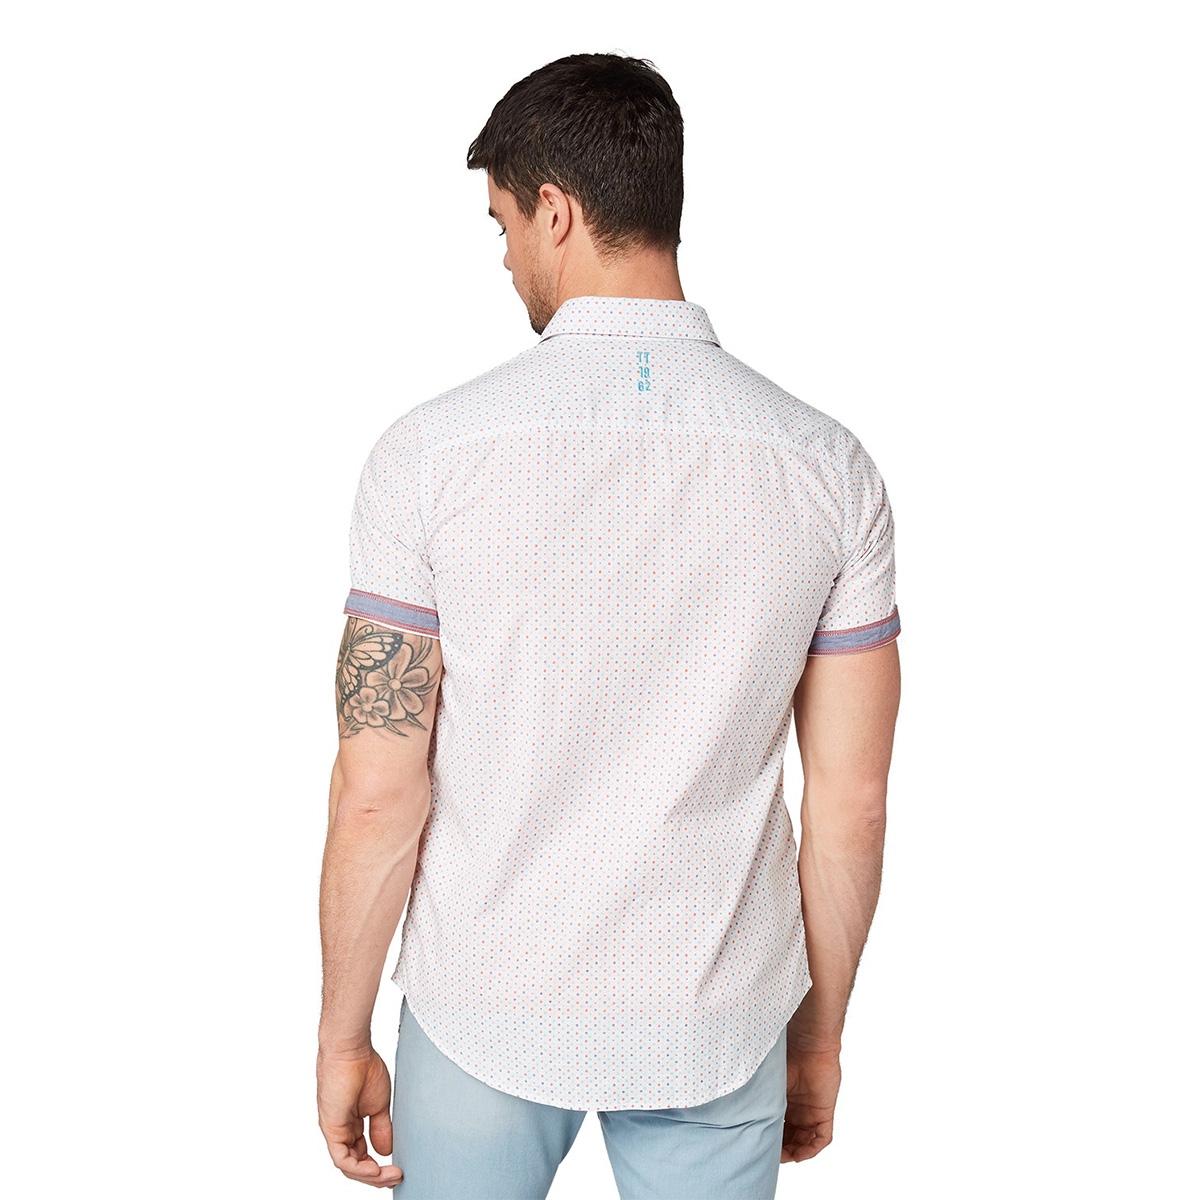 overhemd met all over print 1010113xx10 tom tailor overhemd 17153